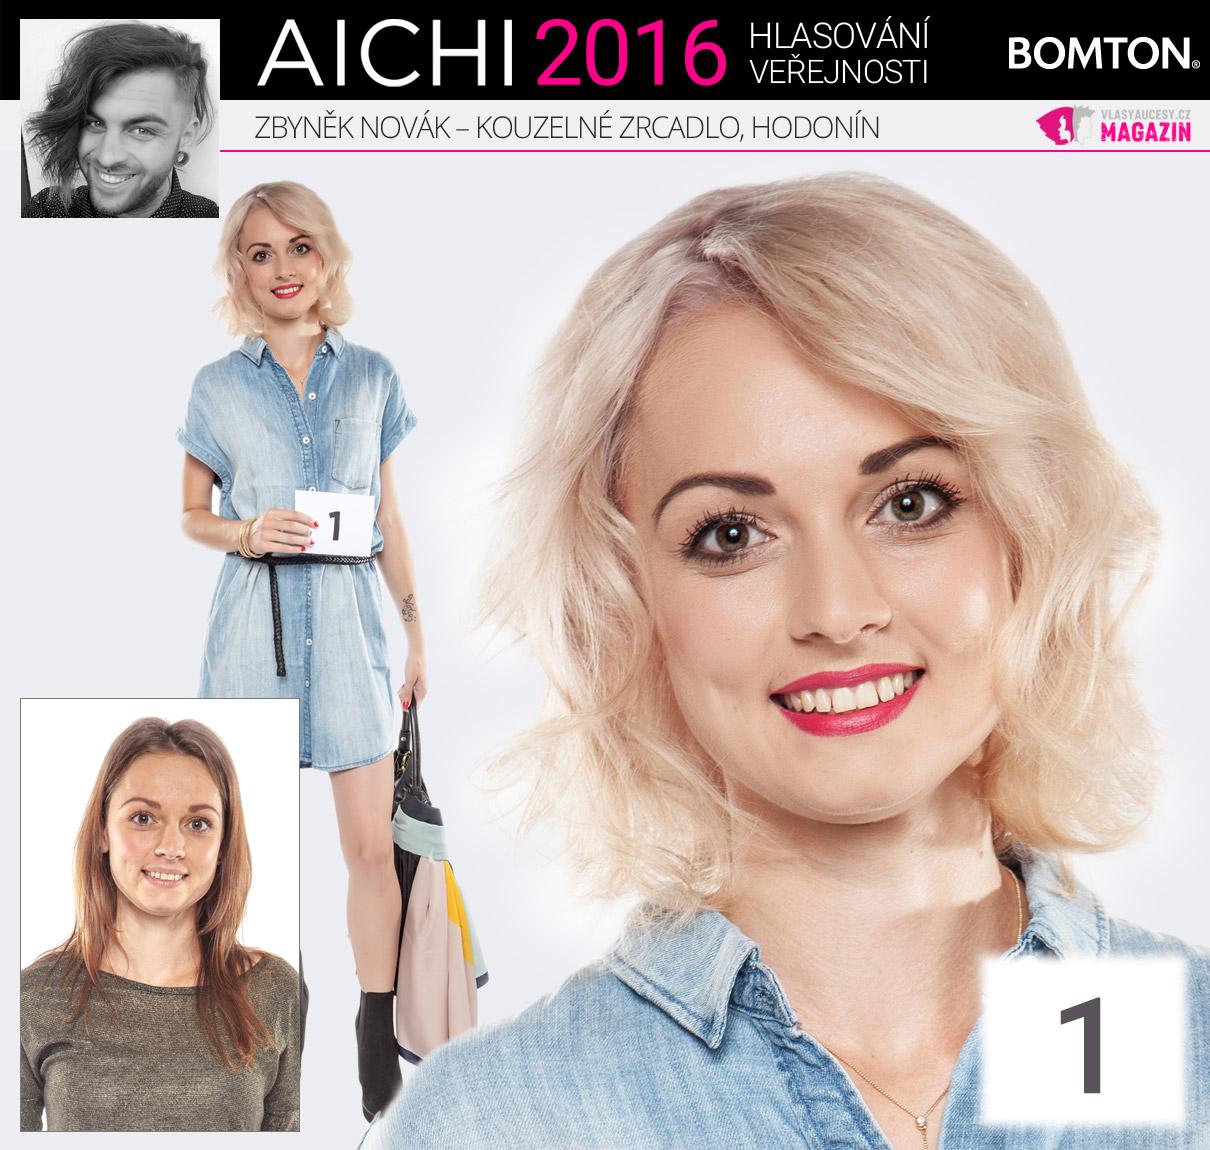 Finálová proměna Zbyňka Nováka ze salonu Kouzelné zrcadlo v Hodoníně obsadila v hlasování veřejnosti třetí příčku.